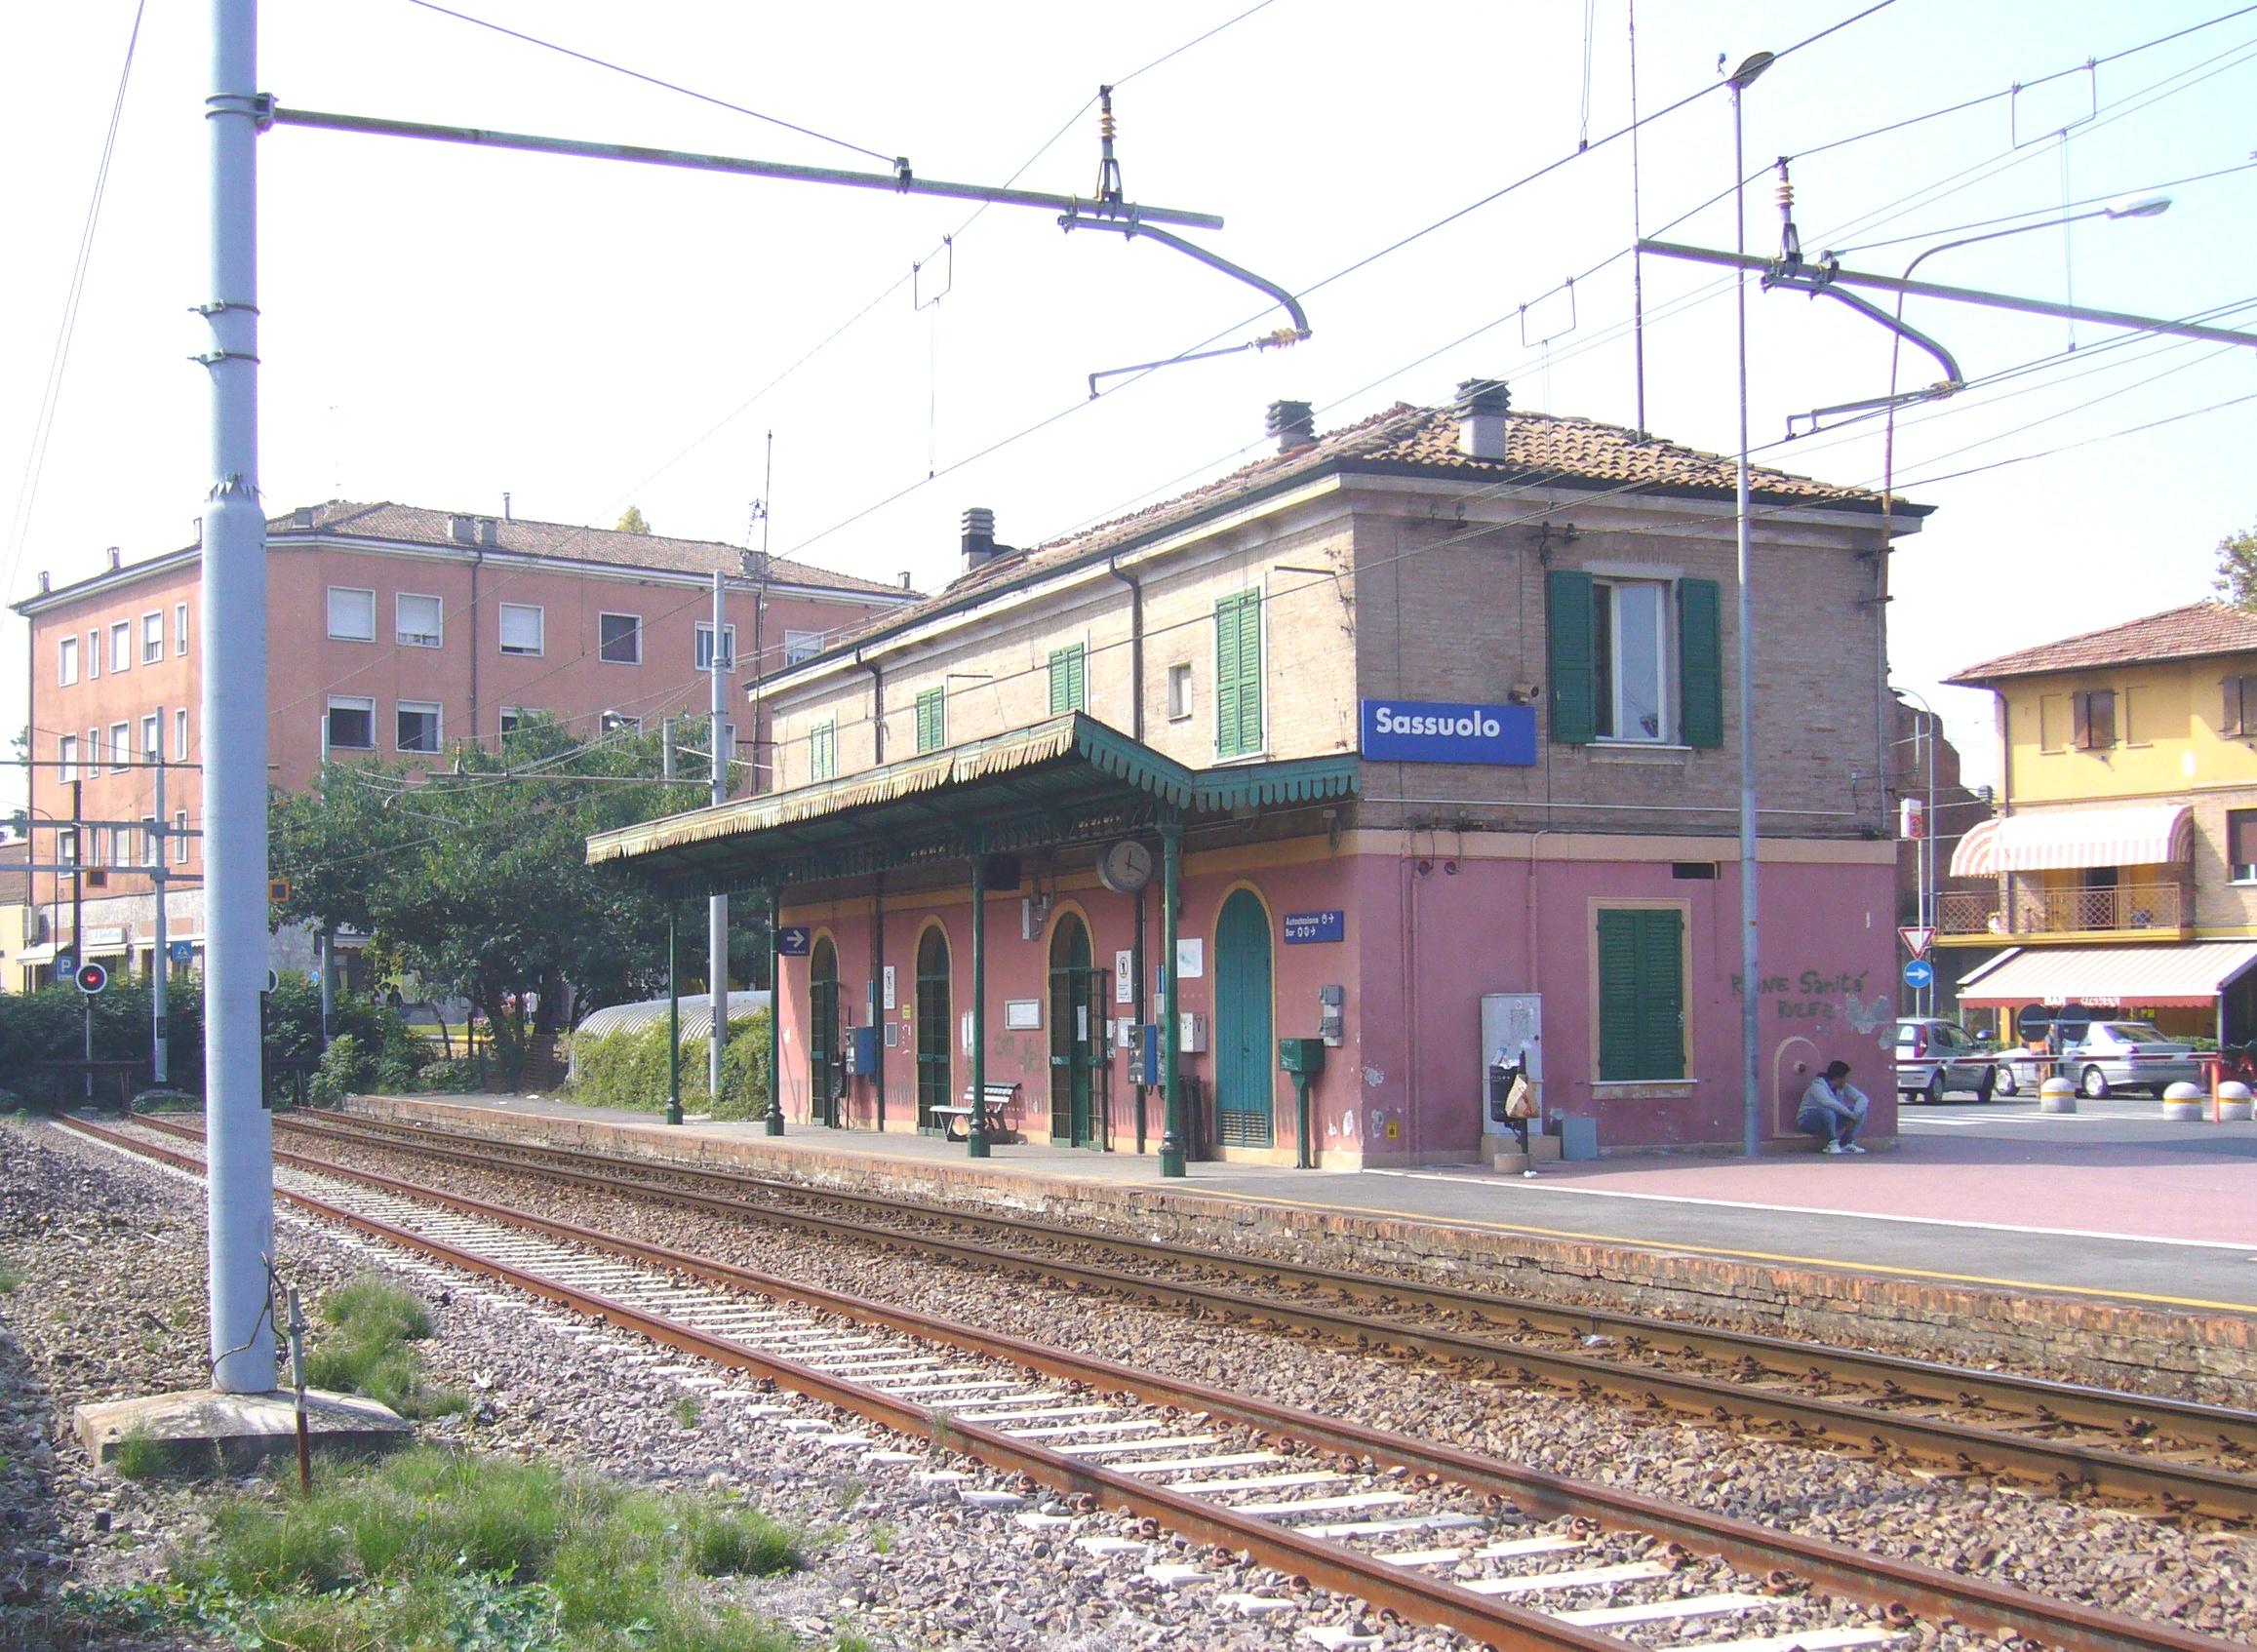 Linea ferroviaria Modena-Sassuolo